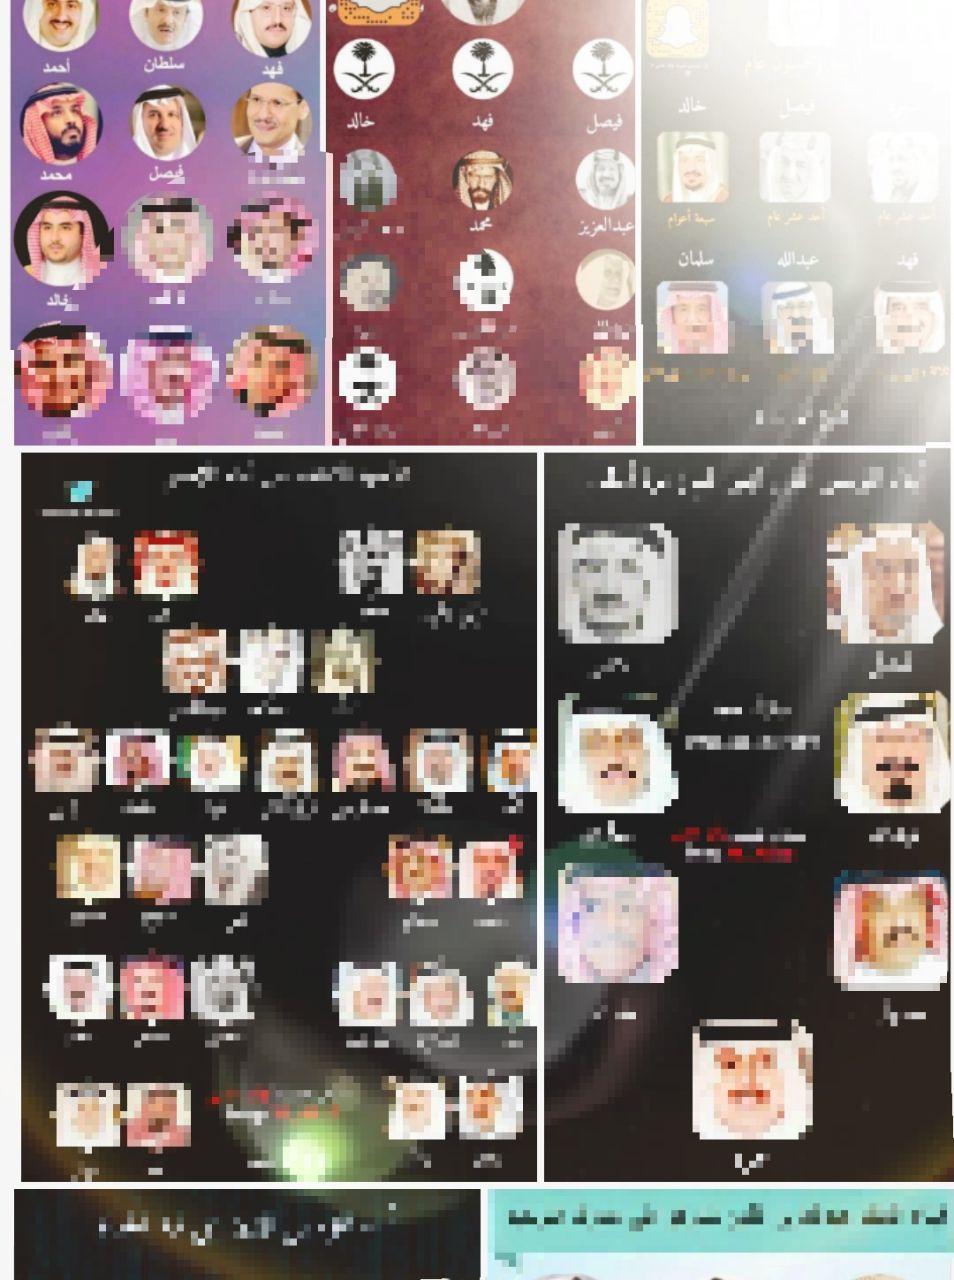 بعض المعلومات المهمة آل سعود